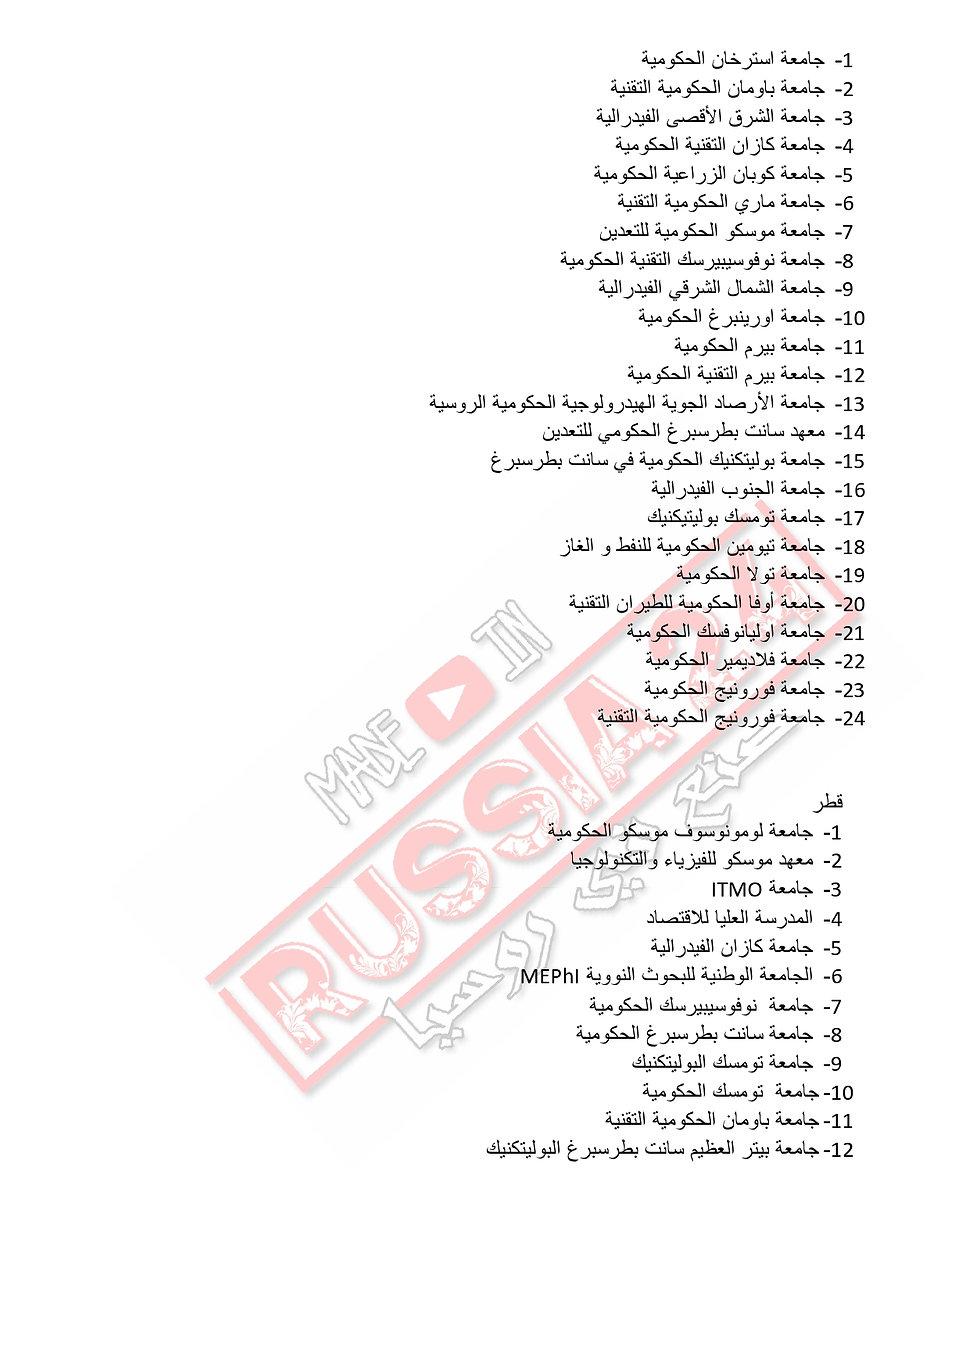 قائمة الجامعات الروسية المعترف بها بالخل